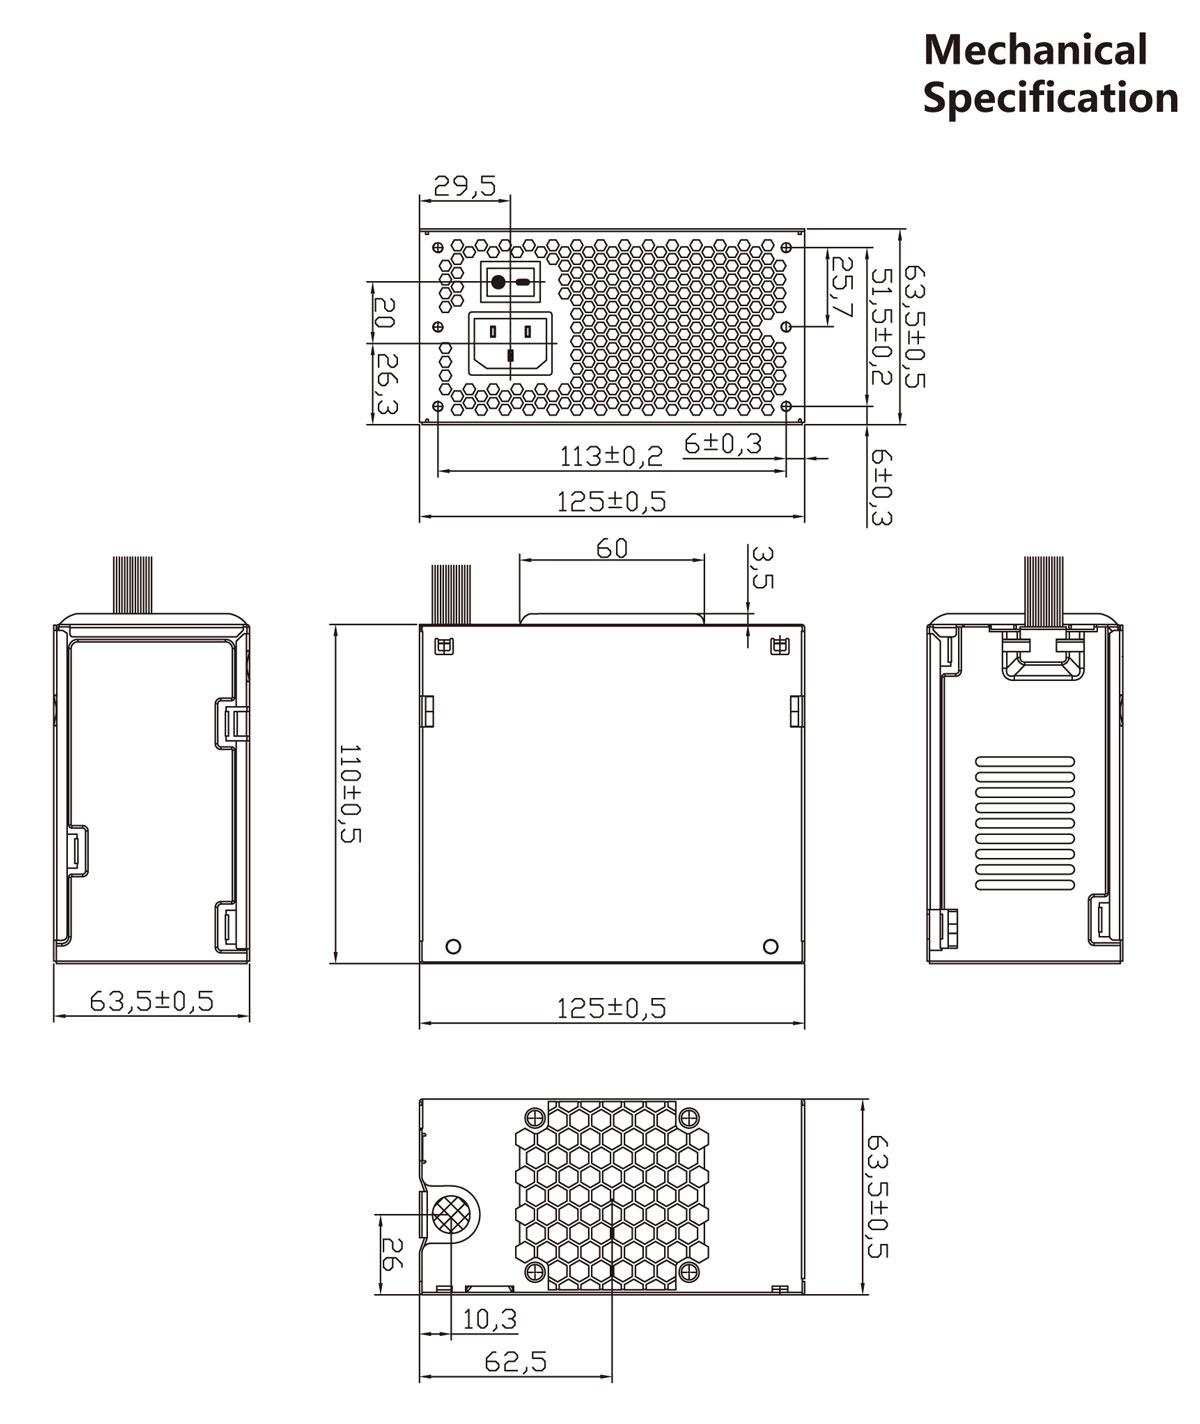 12-8 HK300-43FP